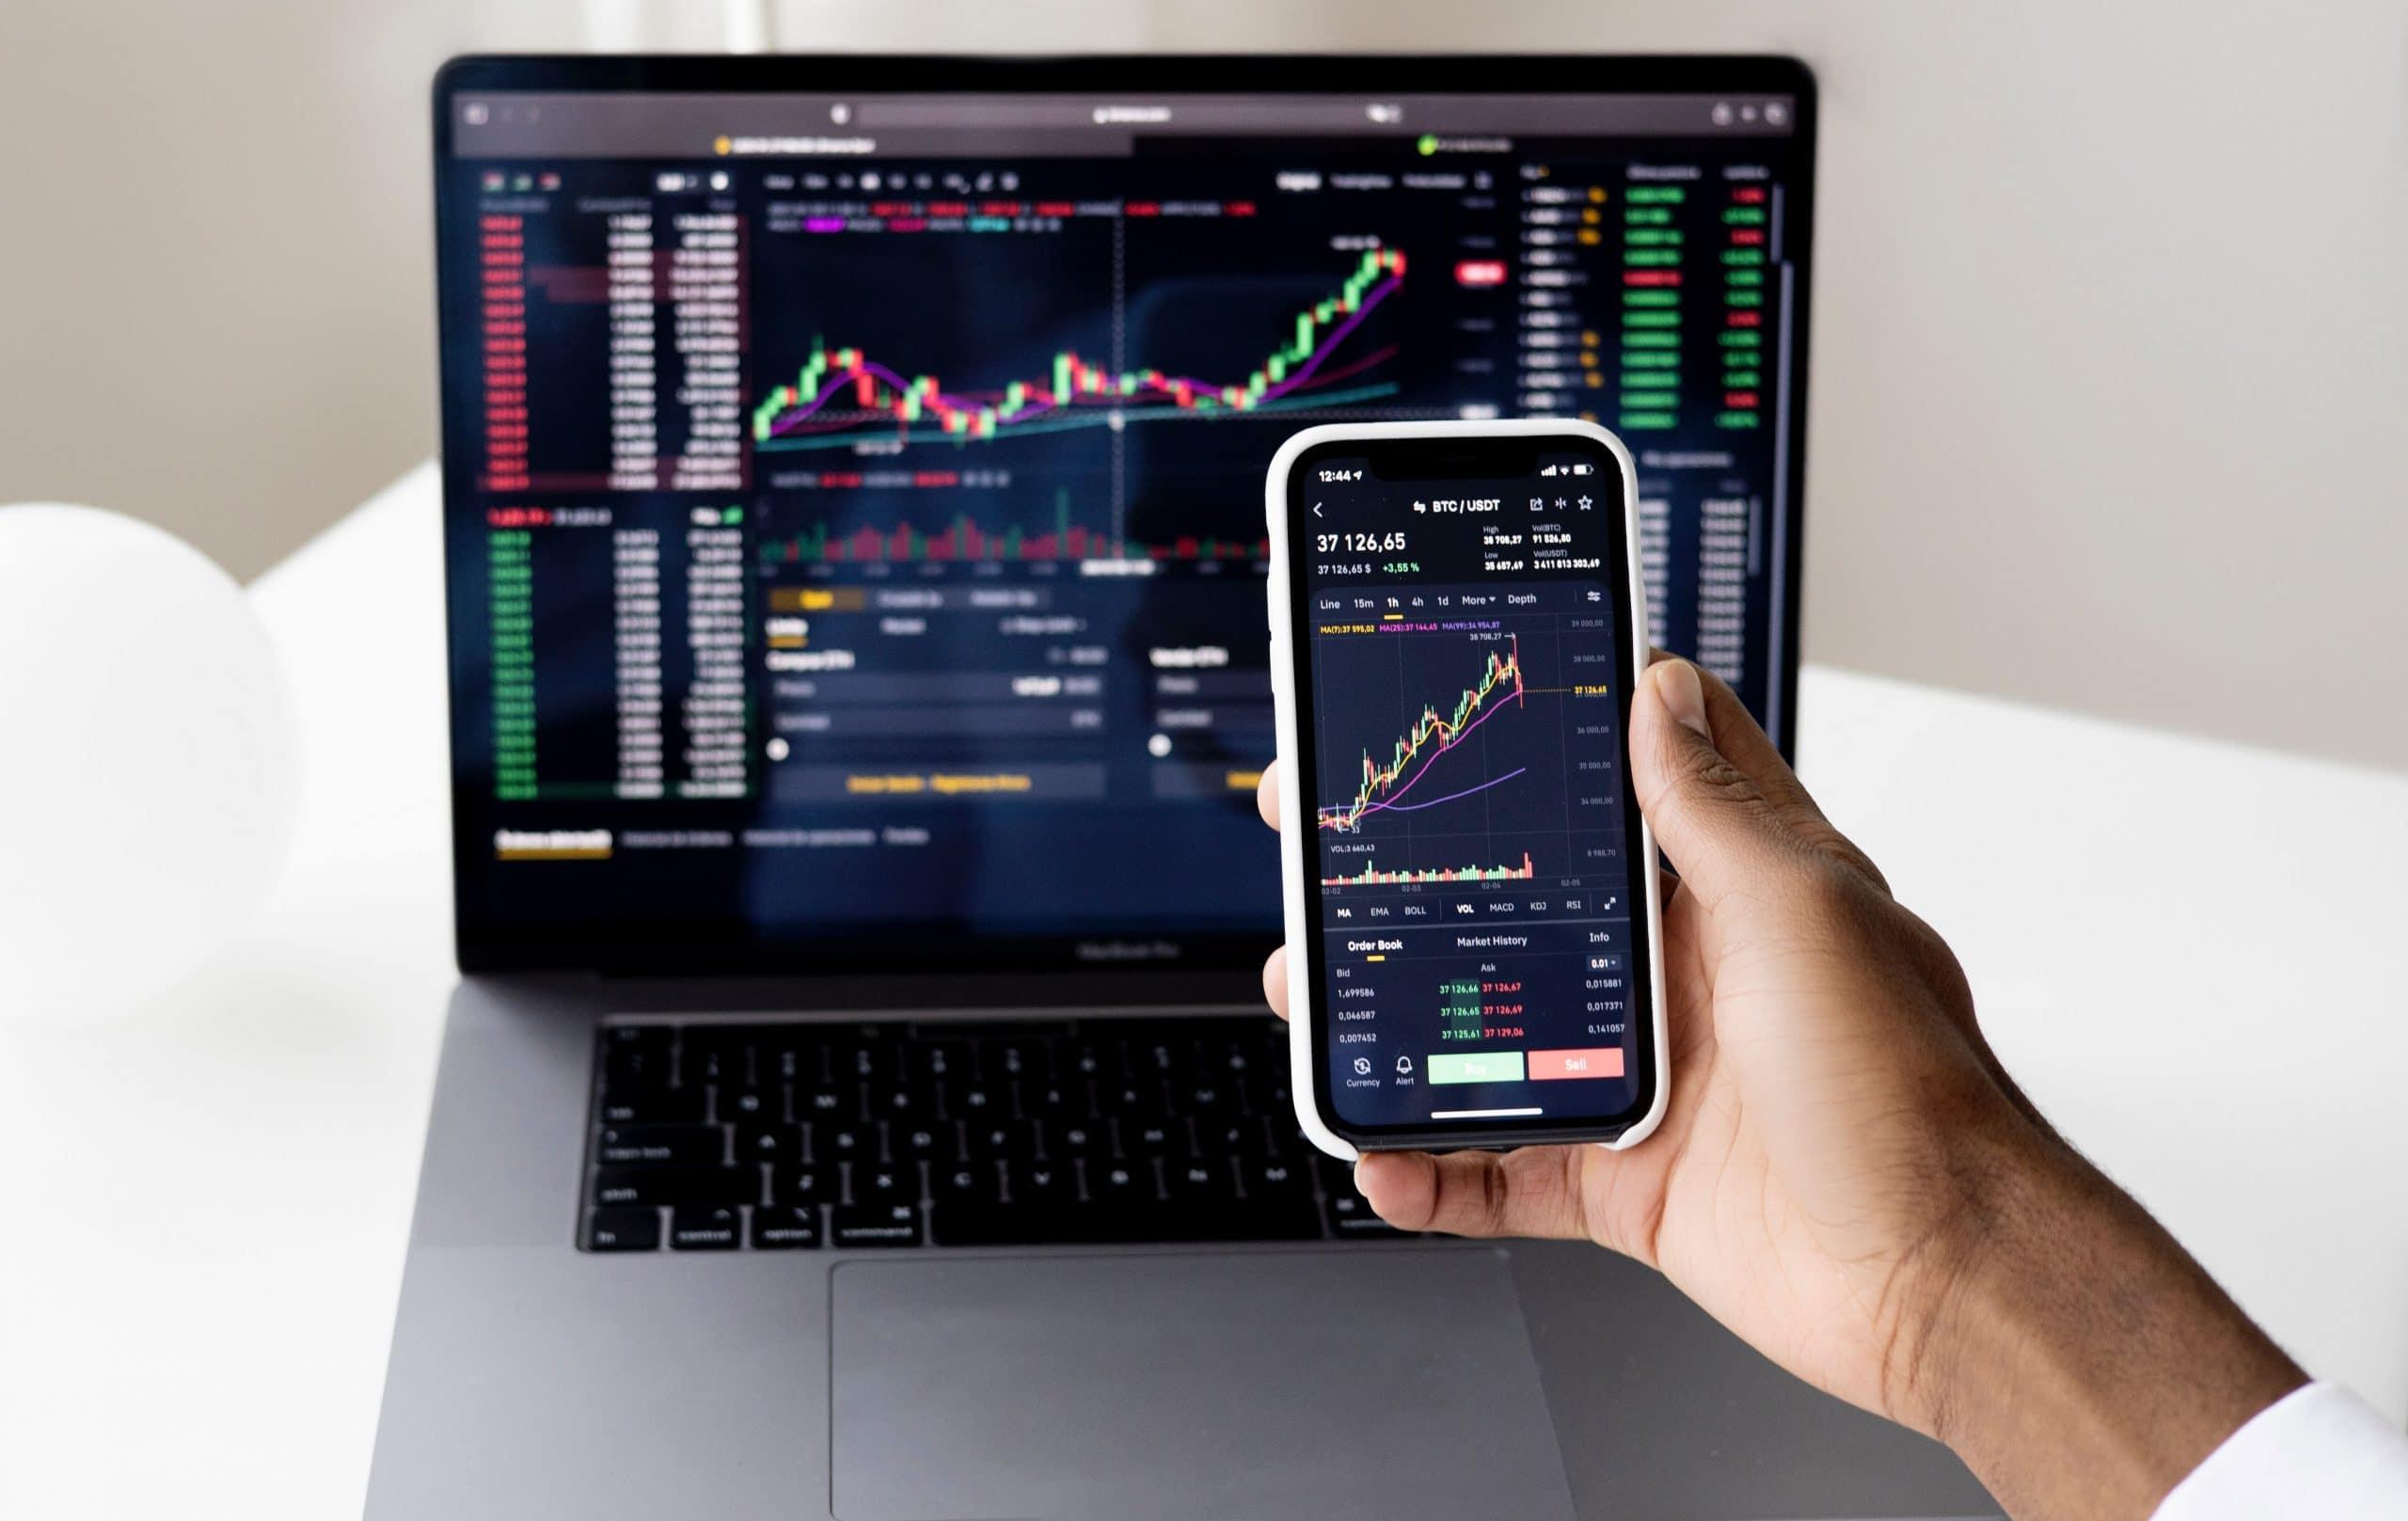 kredihizmeti-burçlara göre yatırım tavsiyesi1